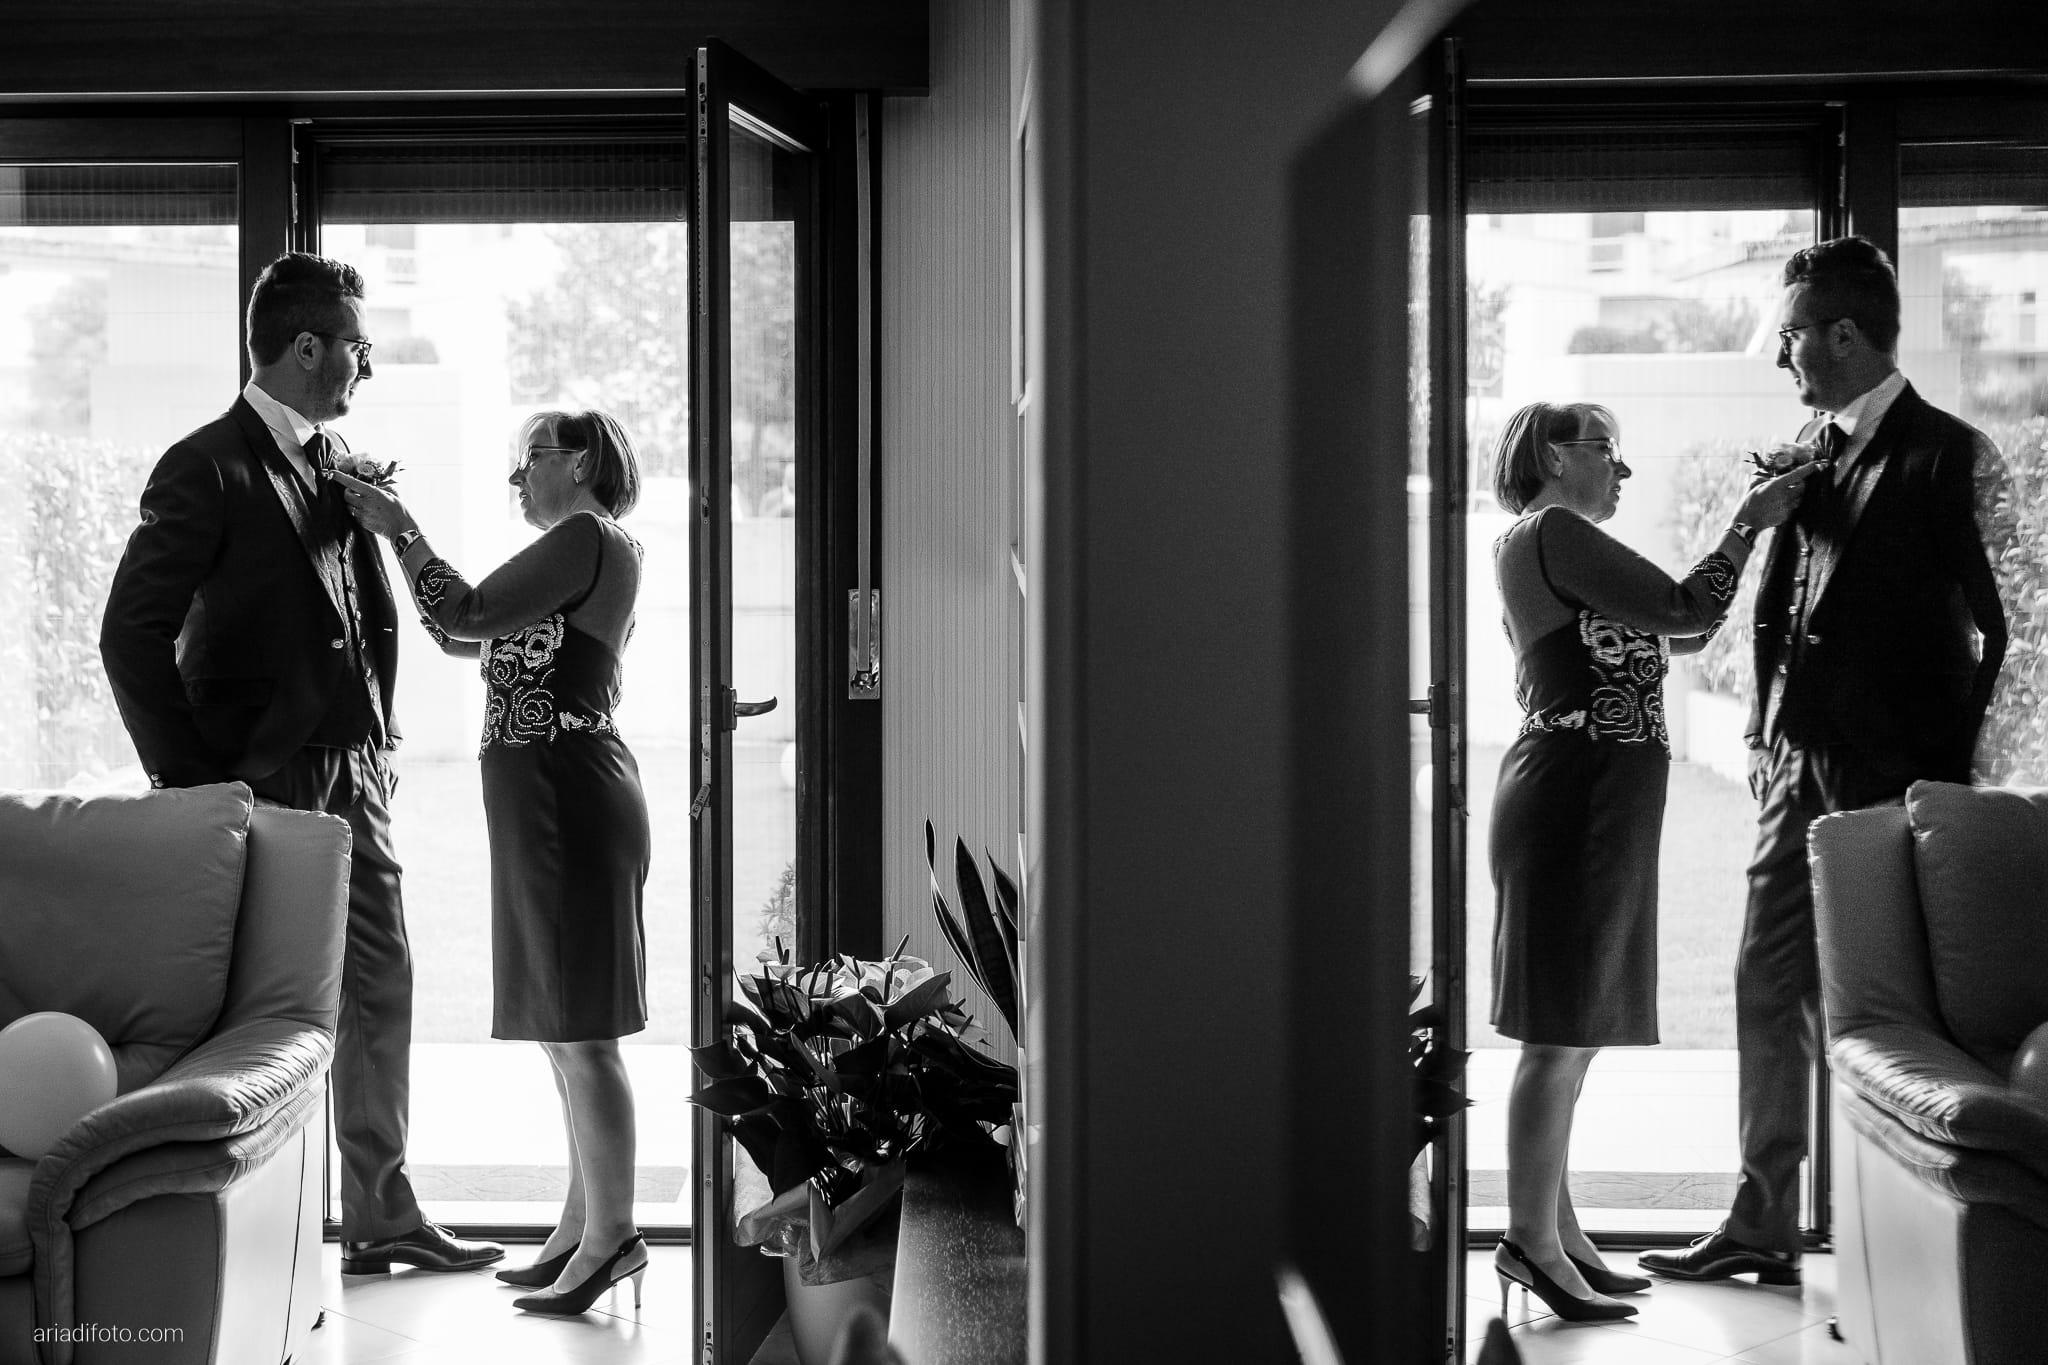 Anna Matteo Matrimonio Parco di Buttrio Udine preparativi sposo vestizione riflesso specchio